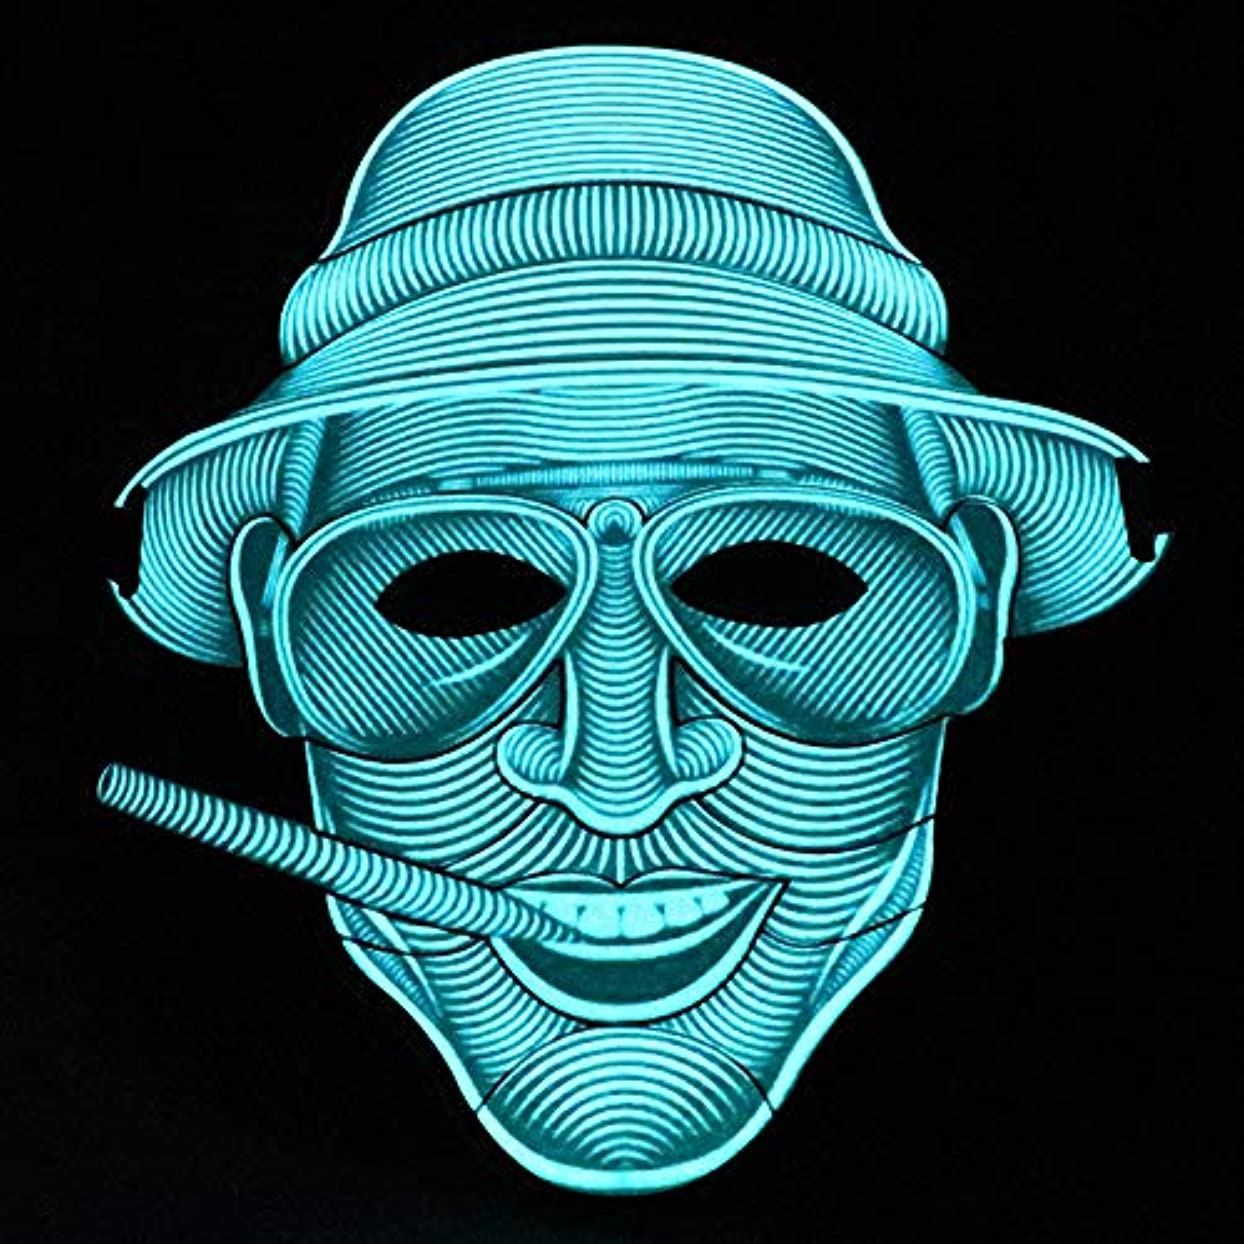 尾彼らのものマーティンルーサーキングジュニア照らされたマスクLED創造的な冷光音響制御マスクハロウィンバーフェスティバルダンスマスク (Color : #4)